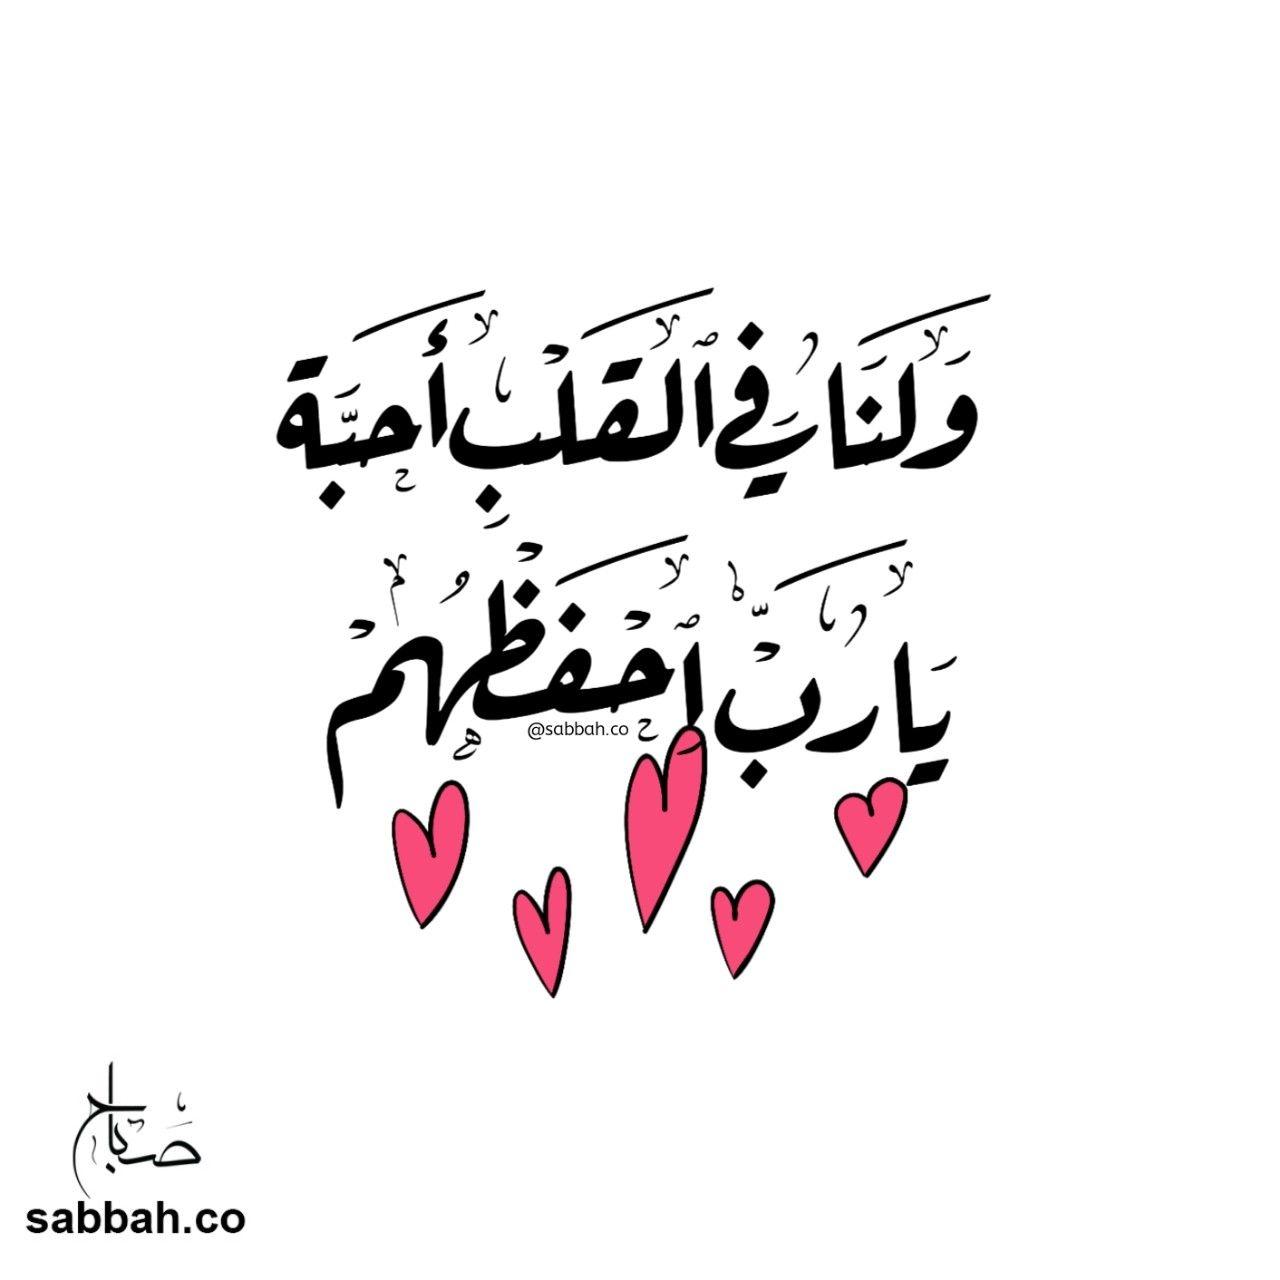 ولنا في القلب احبة يا رب احفظهم Follow My Instagram Sabbah Co Visit Sabbah Co دعاء اذكار Beautiful Arabic Words Arabic Love Quotes Love Words